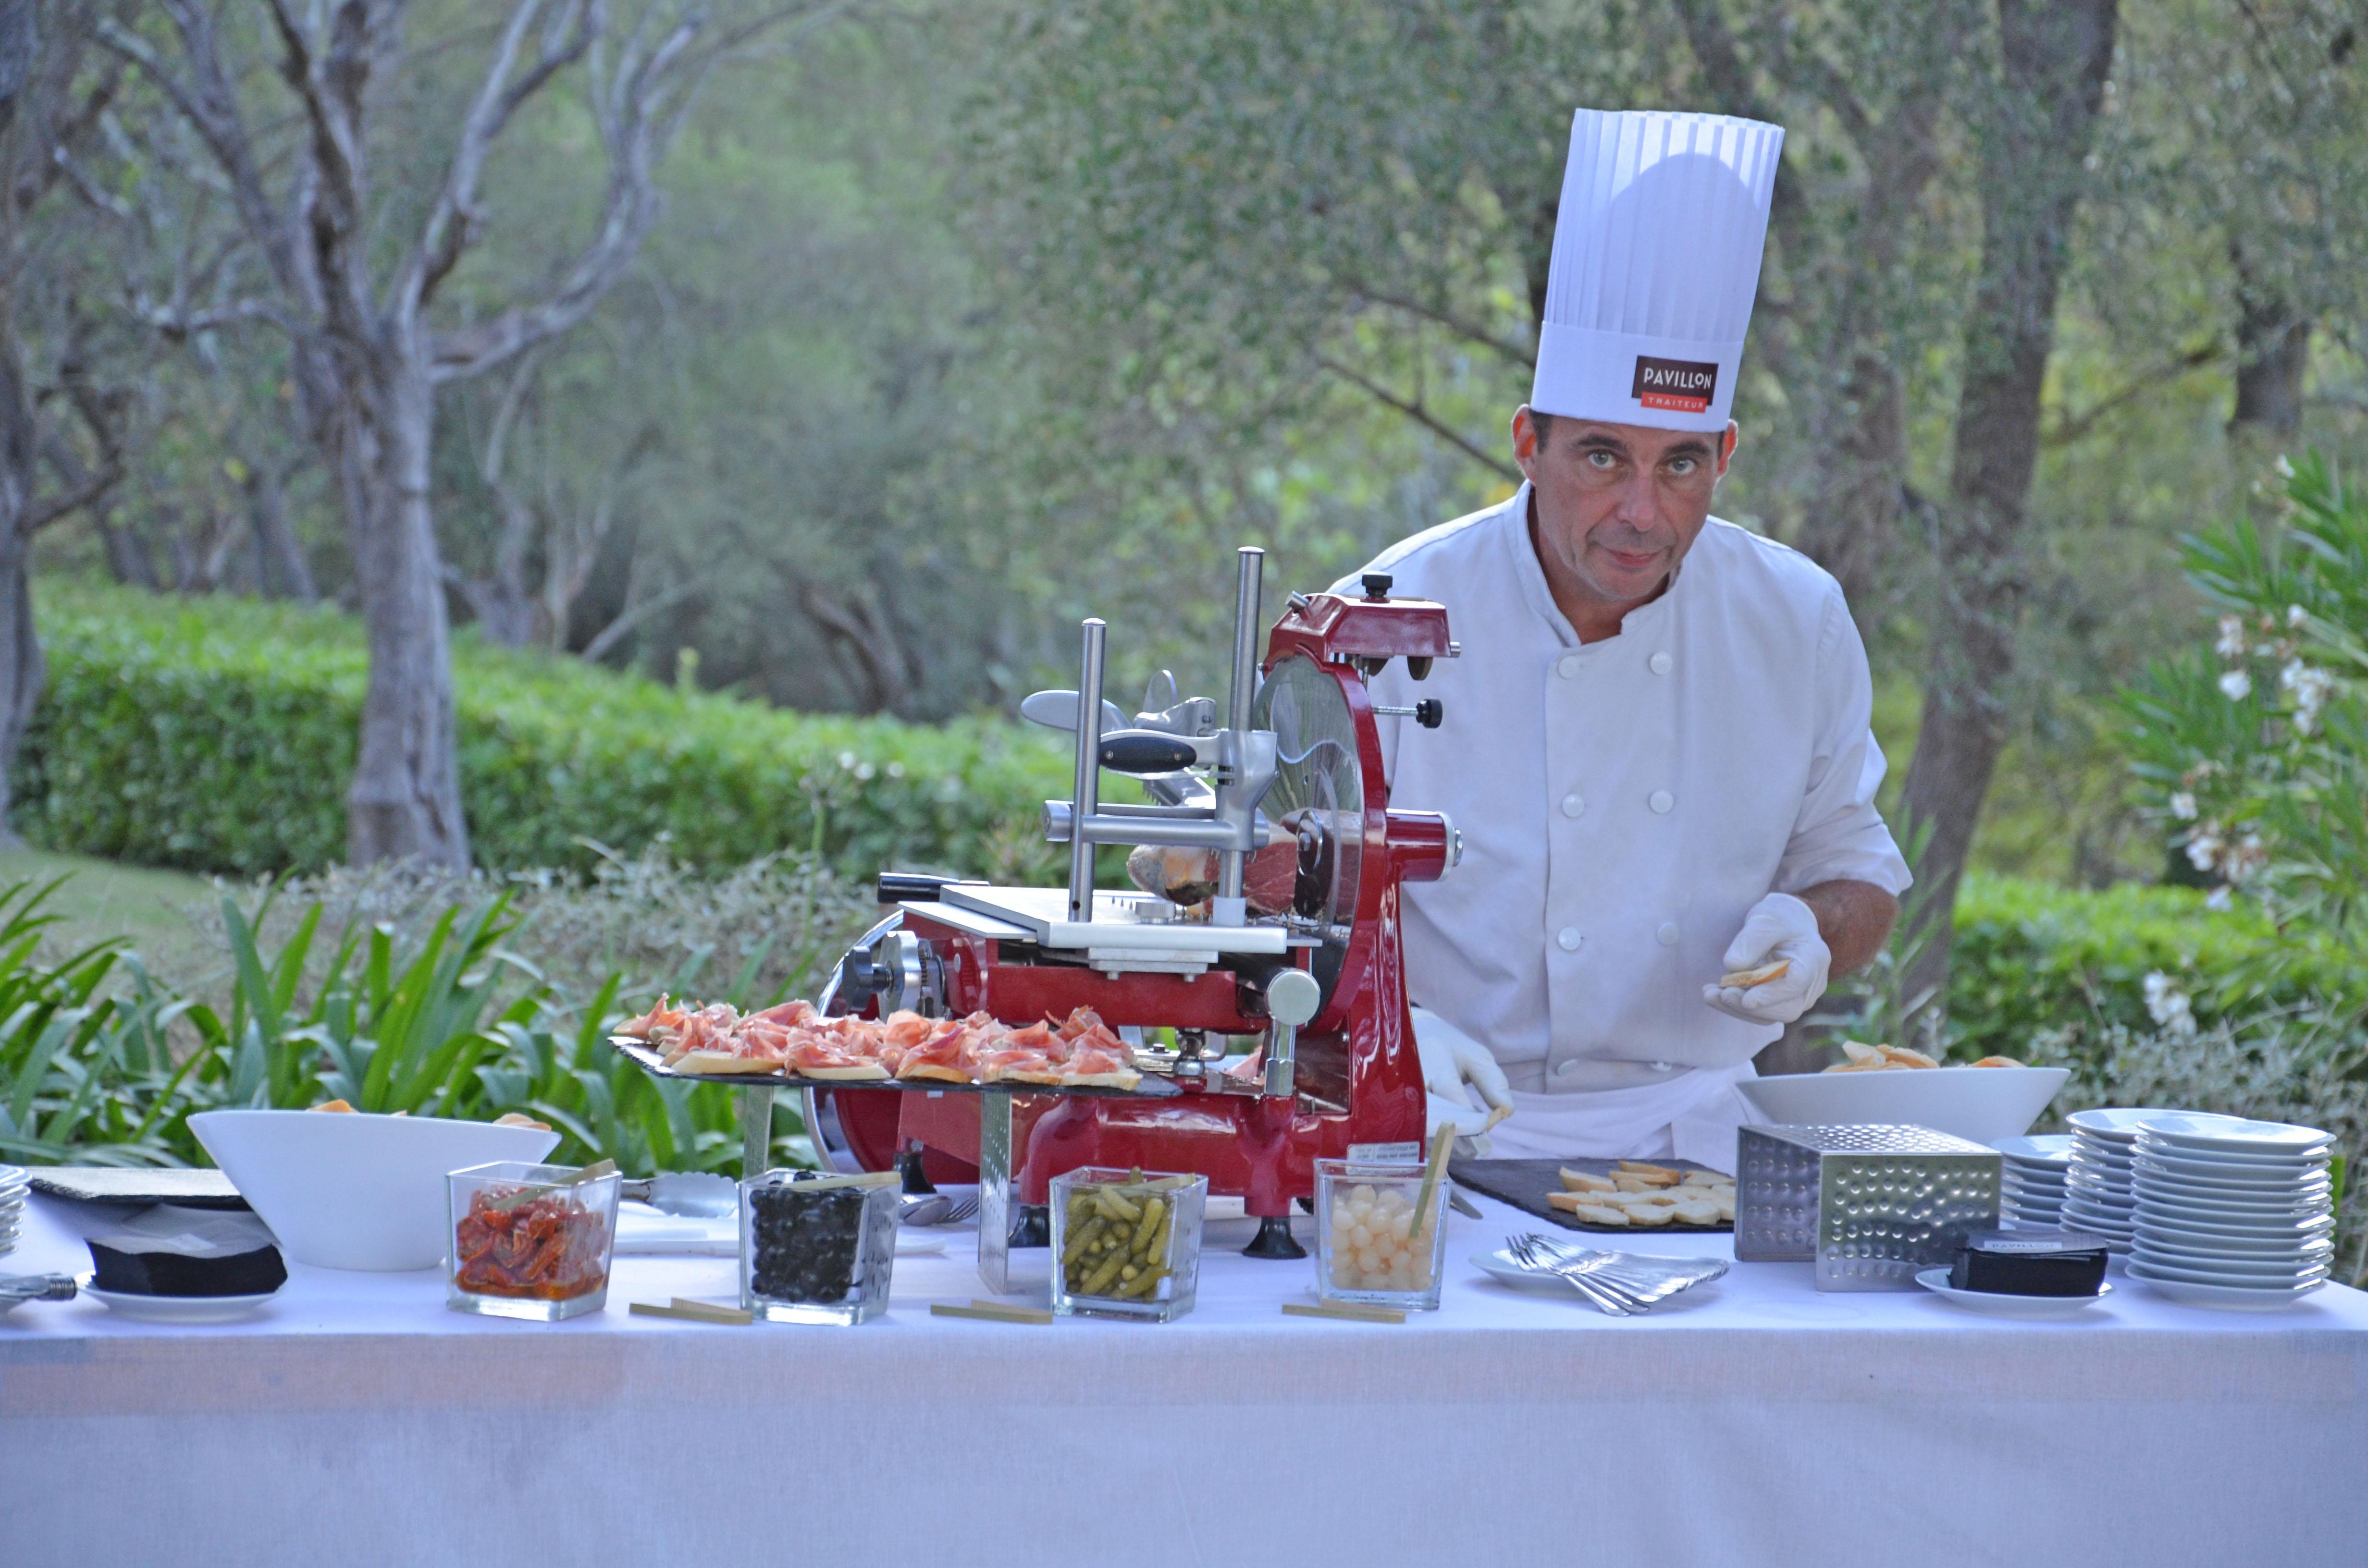 Chef Pavillon Traiteur